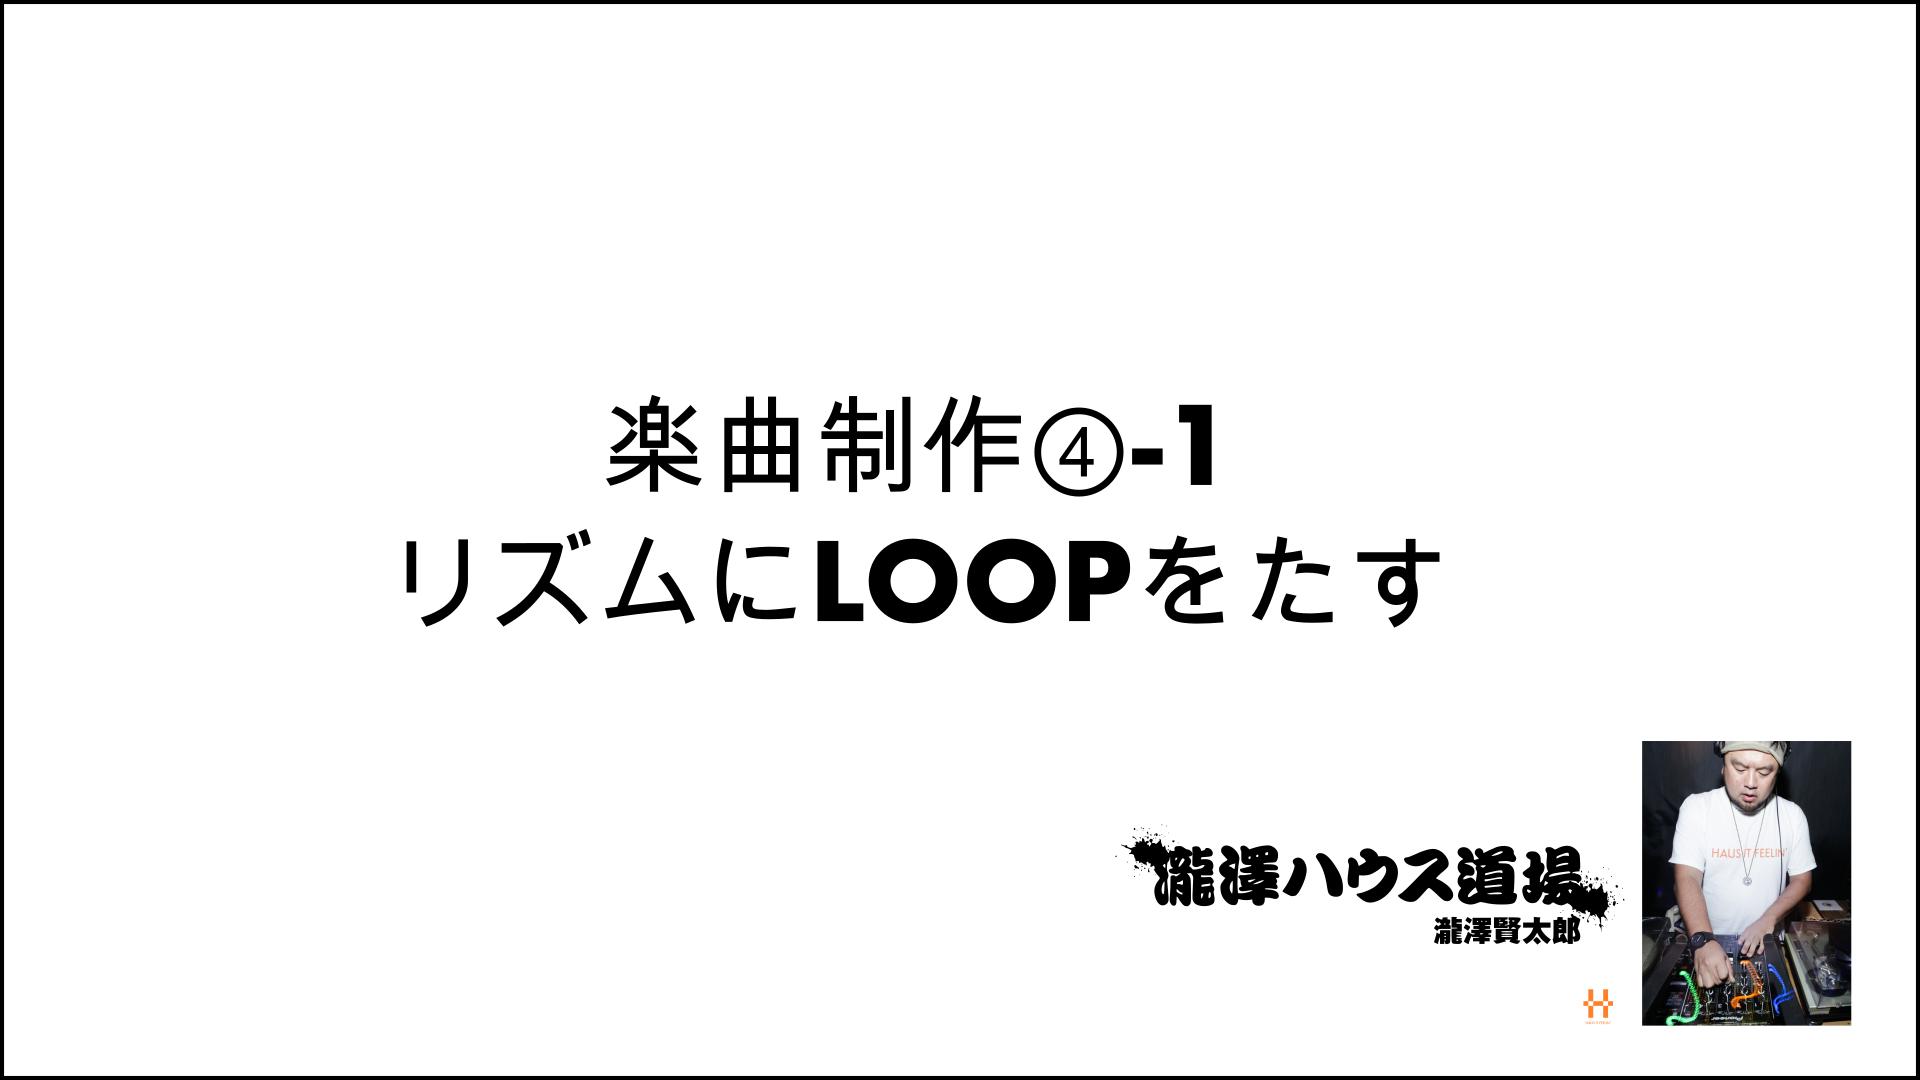 楽々ハウス楽曲制作④-1 リズムにLOOPをたす 200805